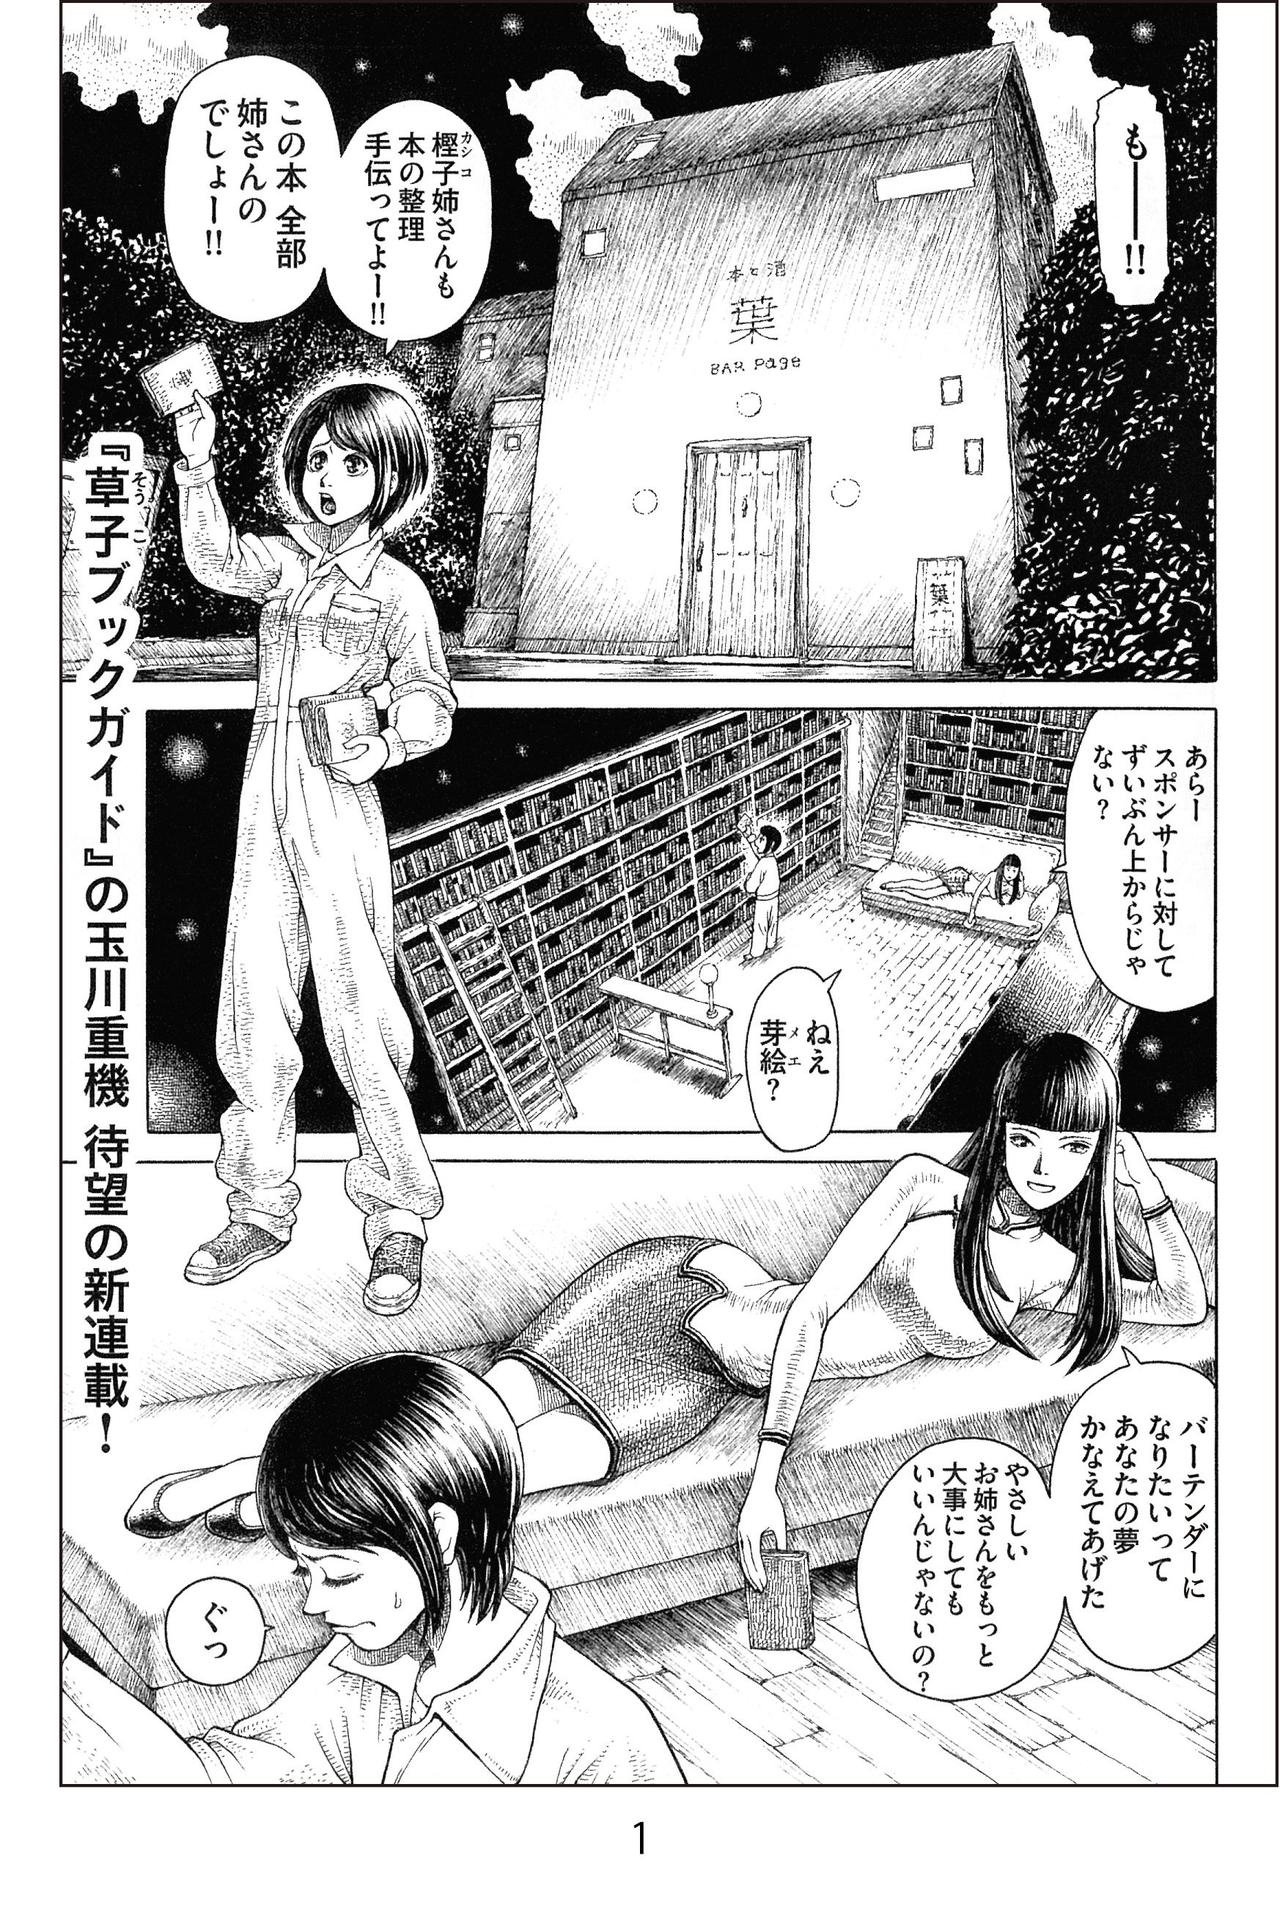 ヨンノン幻戯1